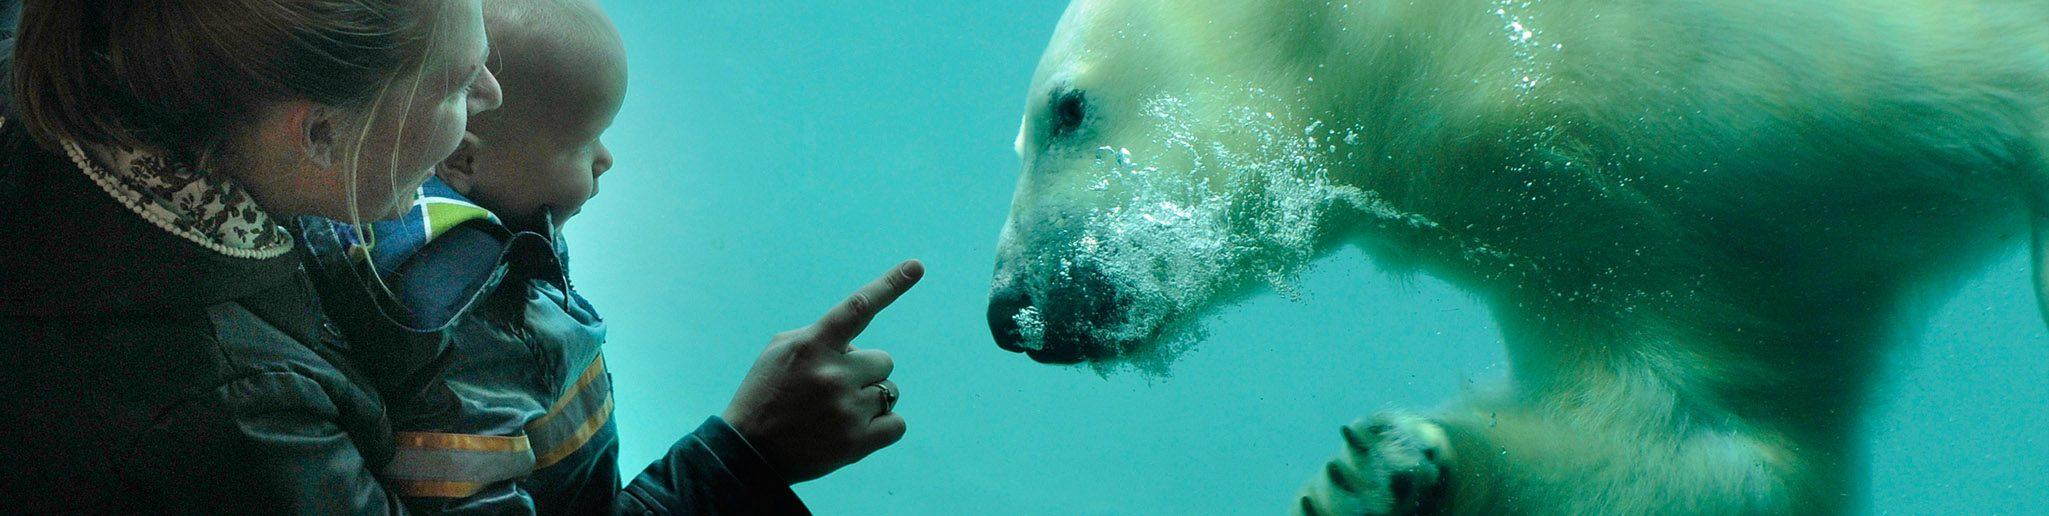 kind en ouder bekijken ijsbeer onder water van heel dichtbij